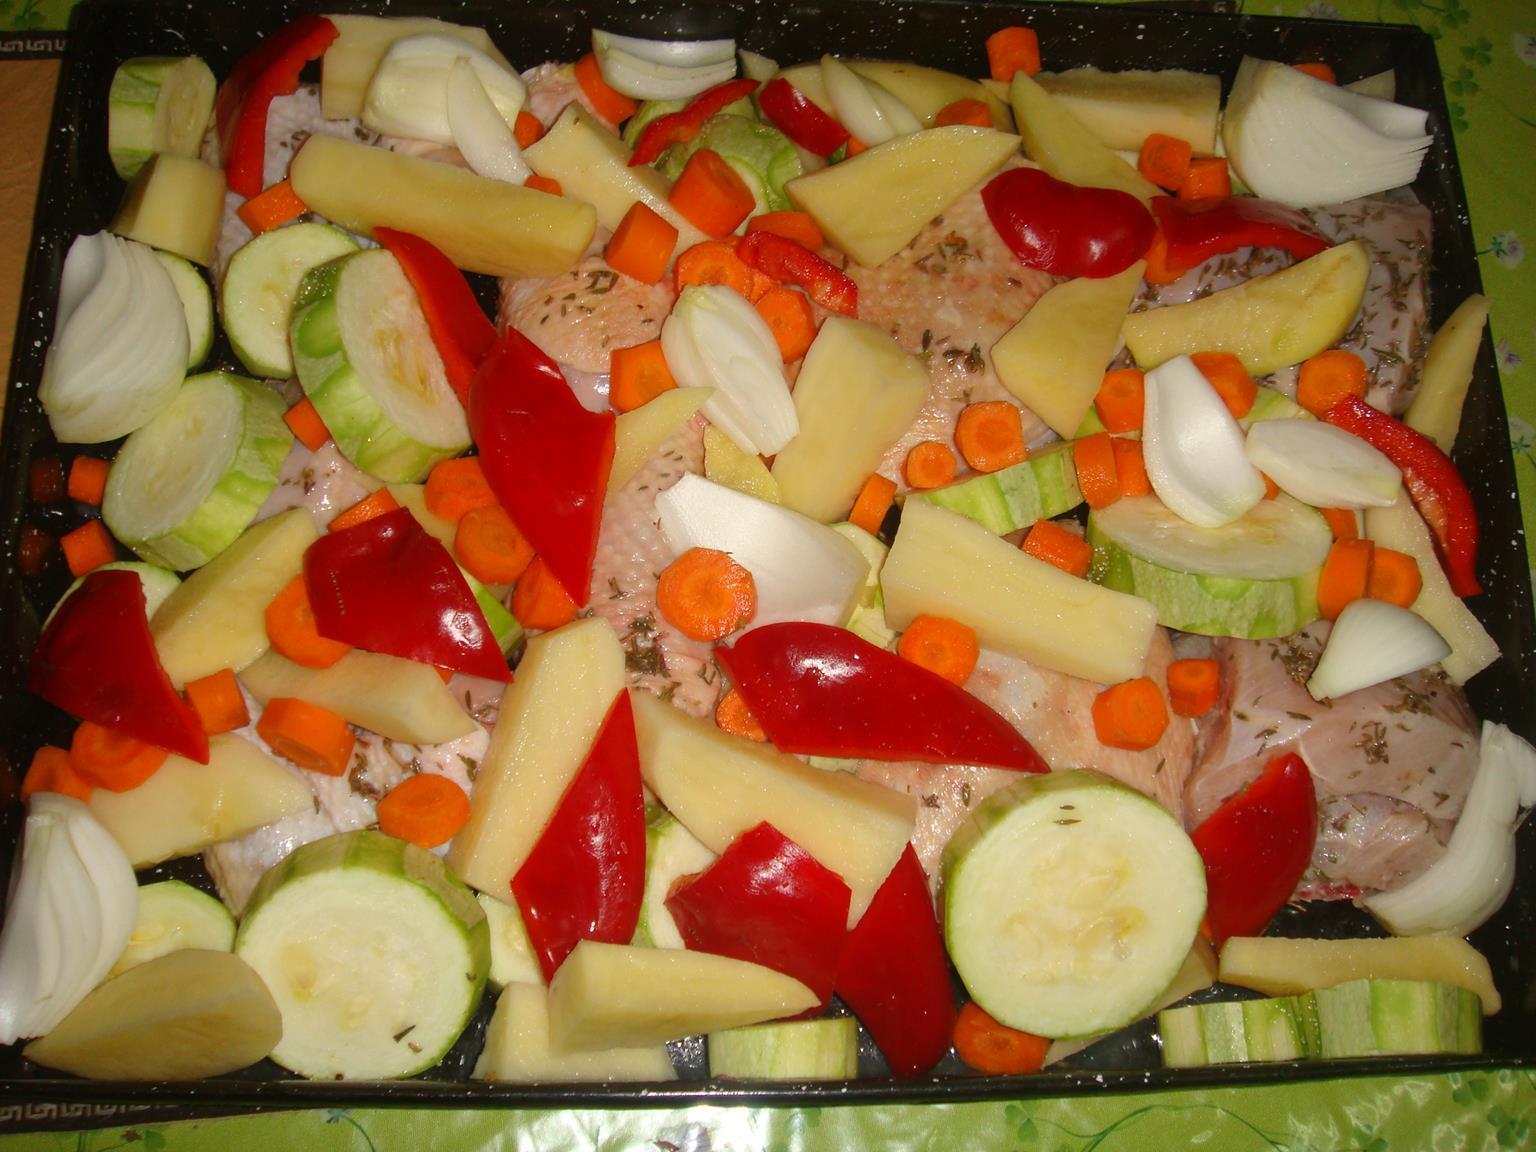 pollo al horno con patatas cebolla y zanahoria